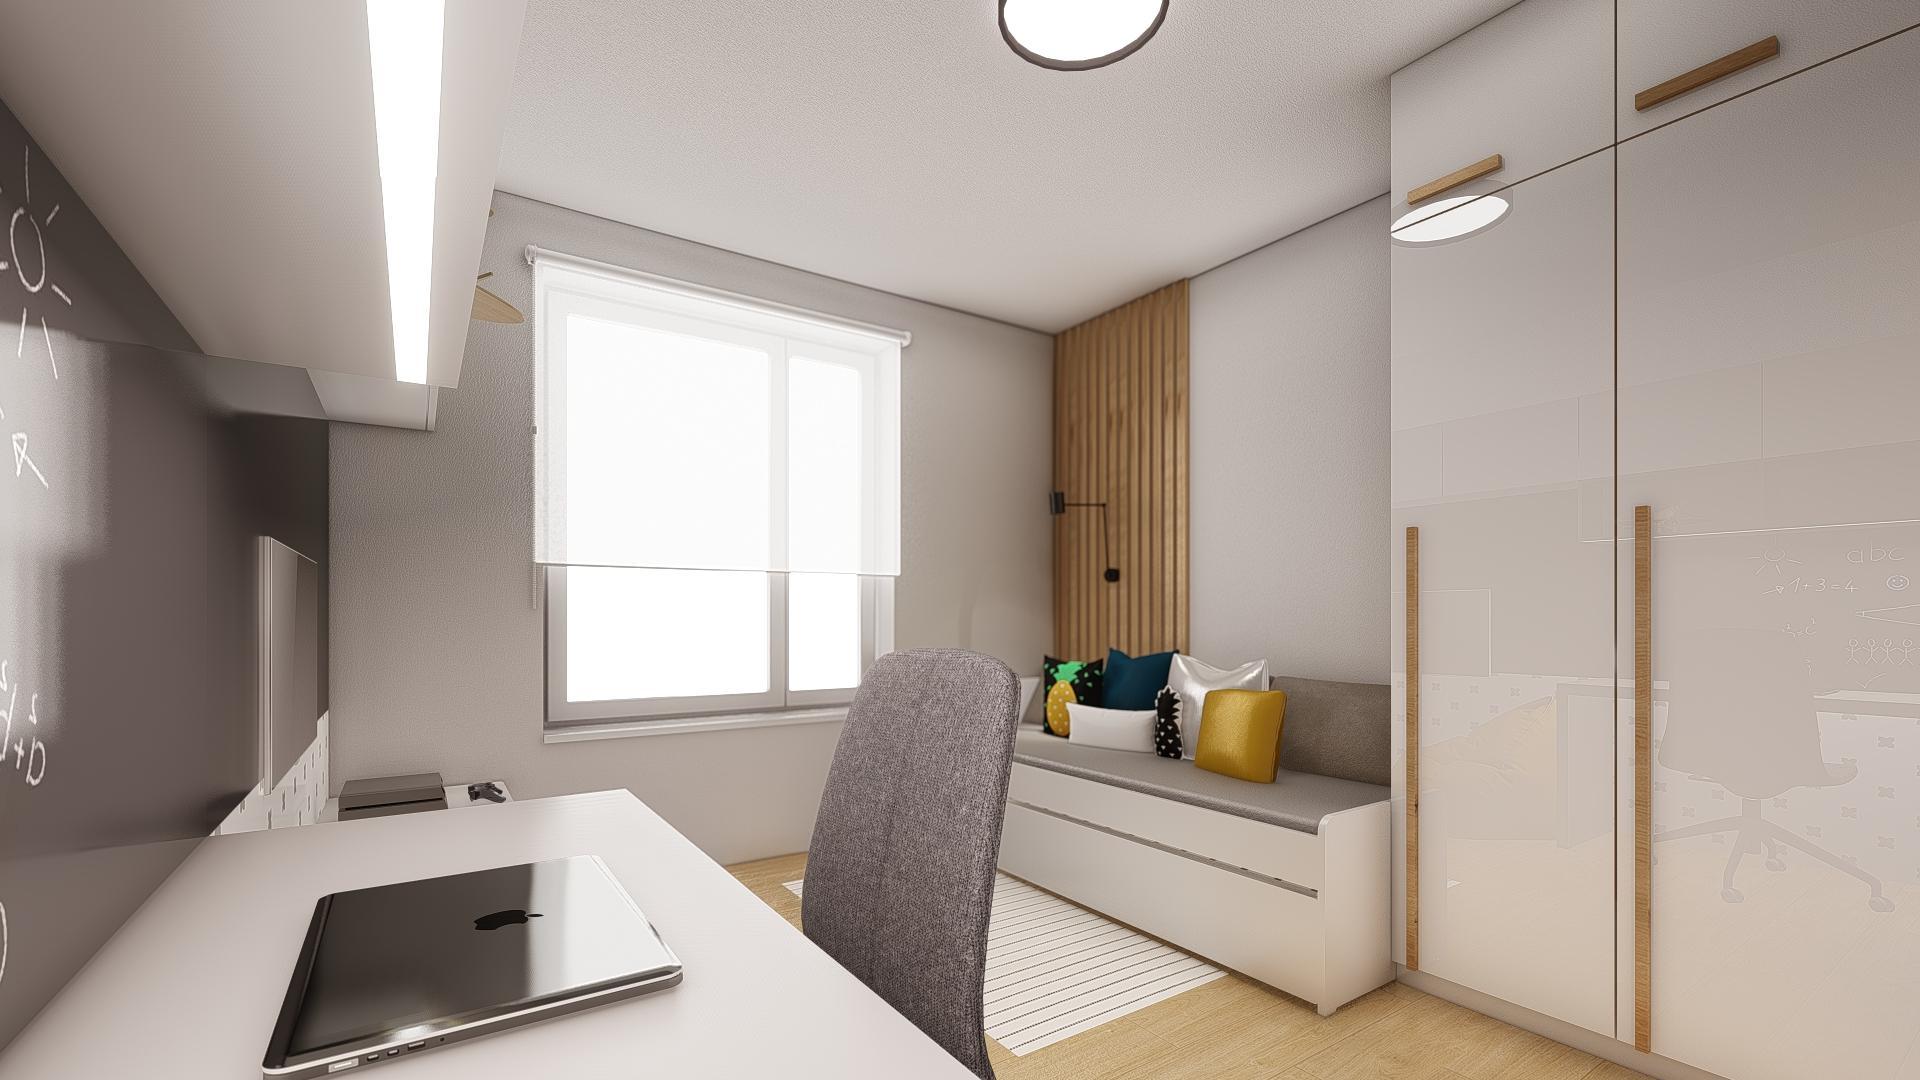 Návrh a 3D vizualizácia detskej izby, pre 11 ročného chlapca.  V izbe sa už nachádzala pôvodná šatníková skriňa, ktorú sme oživili drevenými úchytkami. ;-)   Potrebujte aj Vy pomôcť pri zariaďovaní? Kontaktuje nás a my pre Vás ZDARMA pripravíme nezáväznú cenovú ponuku. - Obrázok č. 2